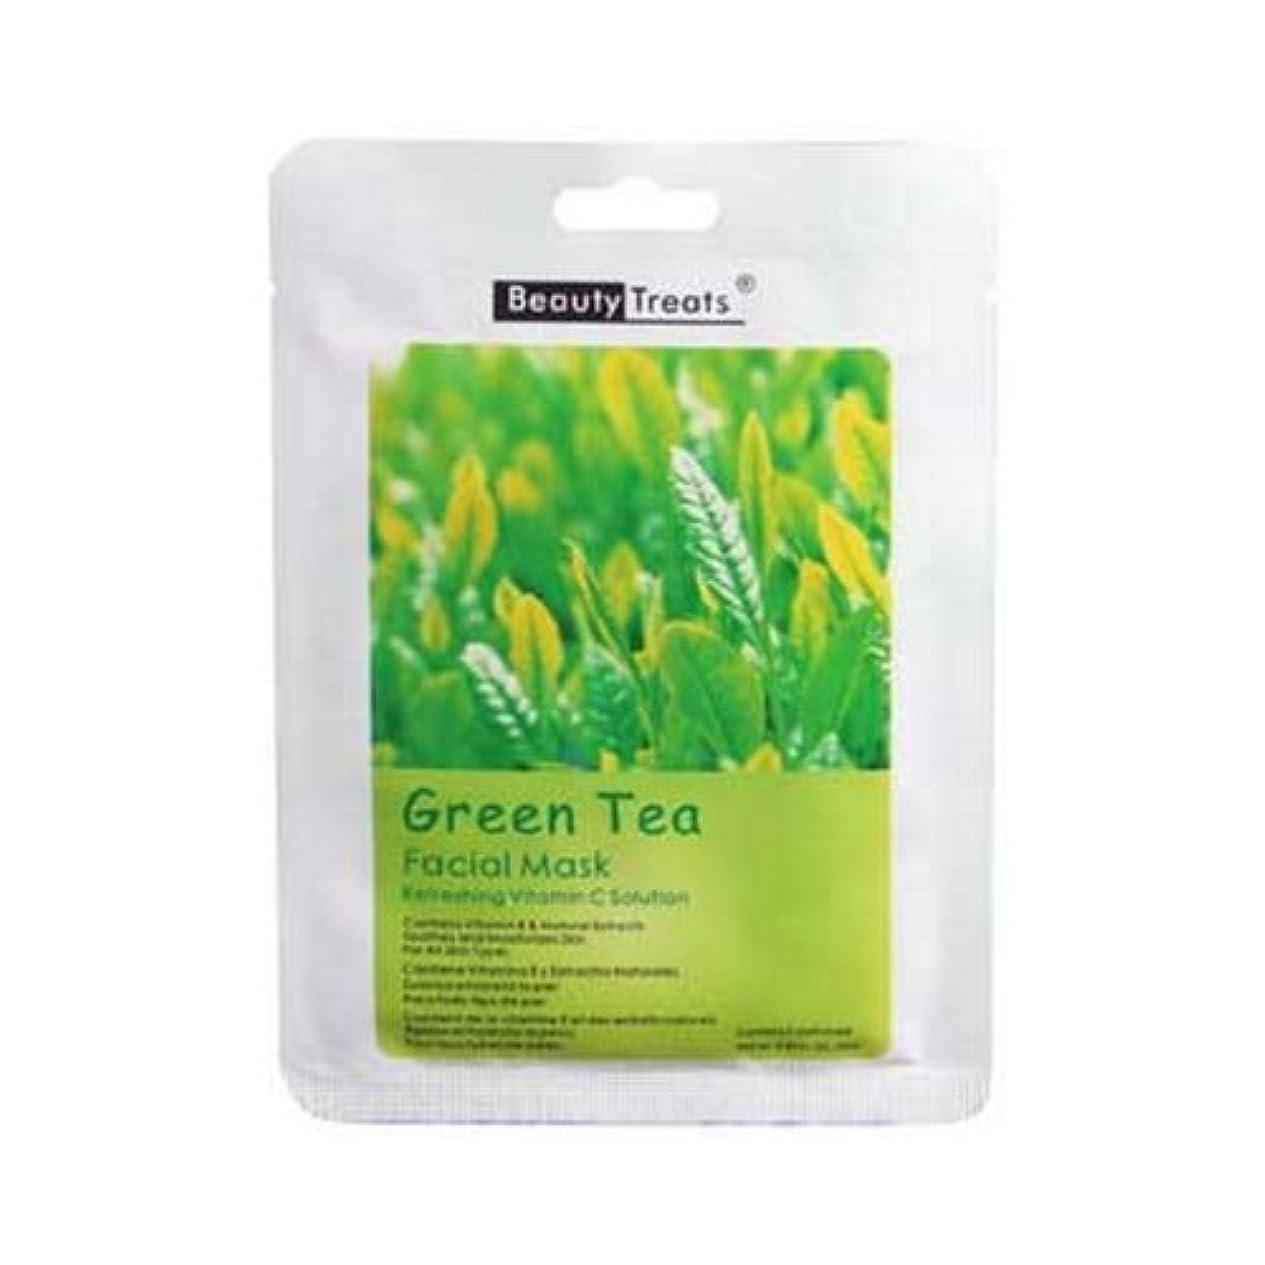 親指レンド生き残ります(6 Pack) BEAUTY TREATS Facial Mask Refreshing Vitamin C Solution - Green Tea (並行輸入品)